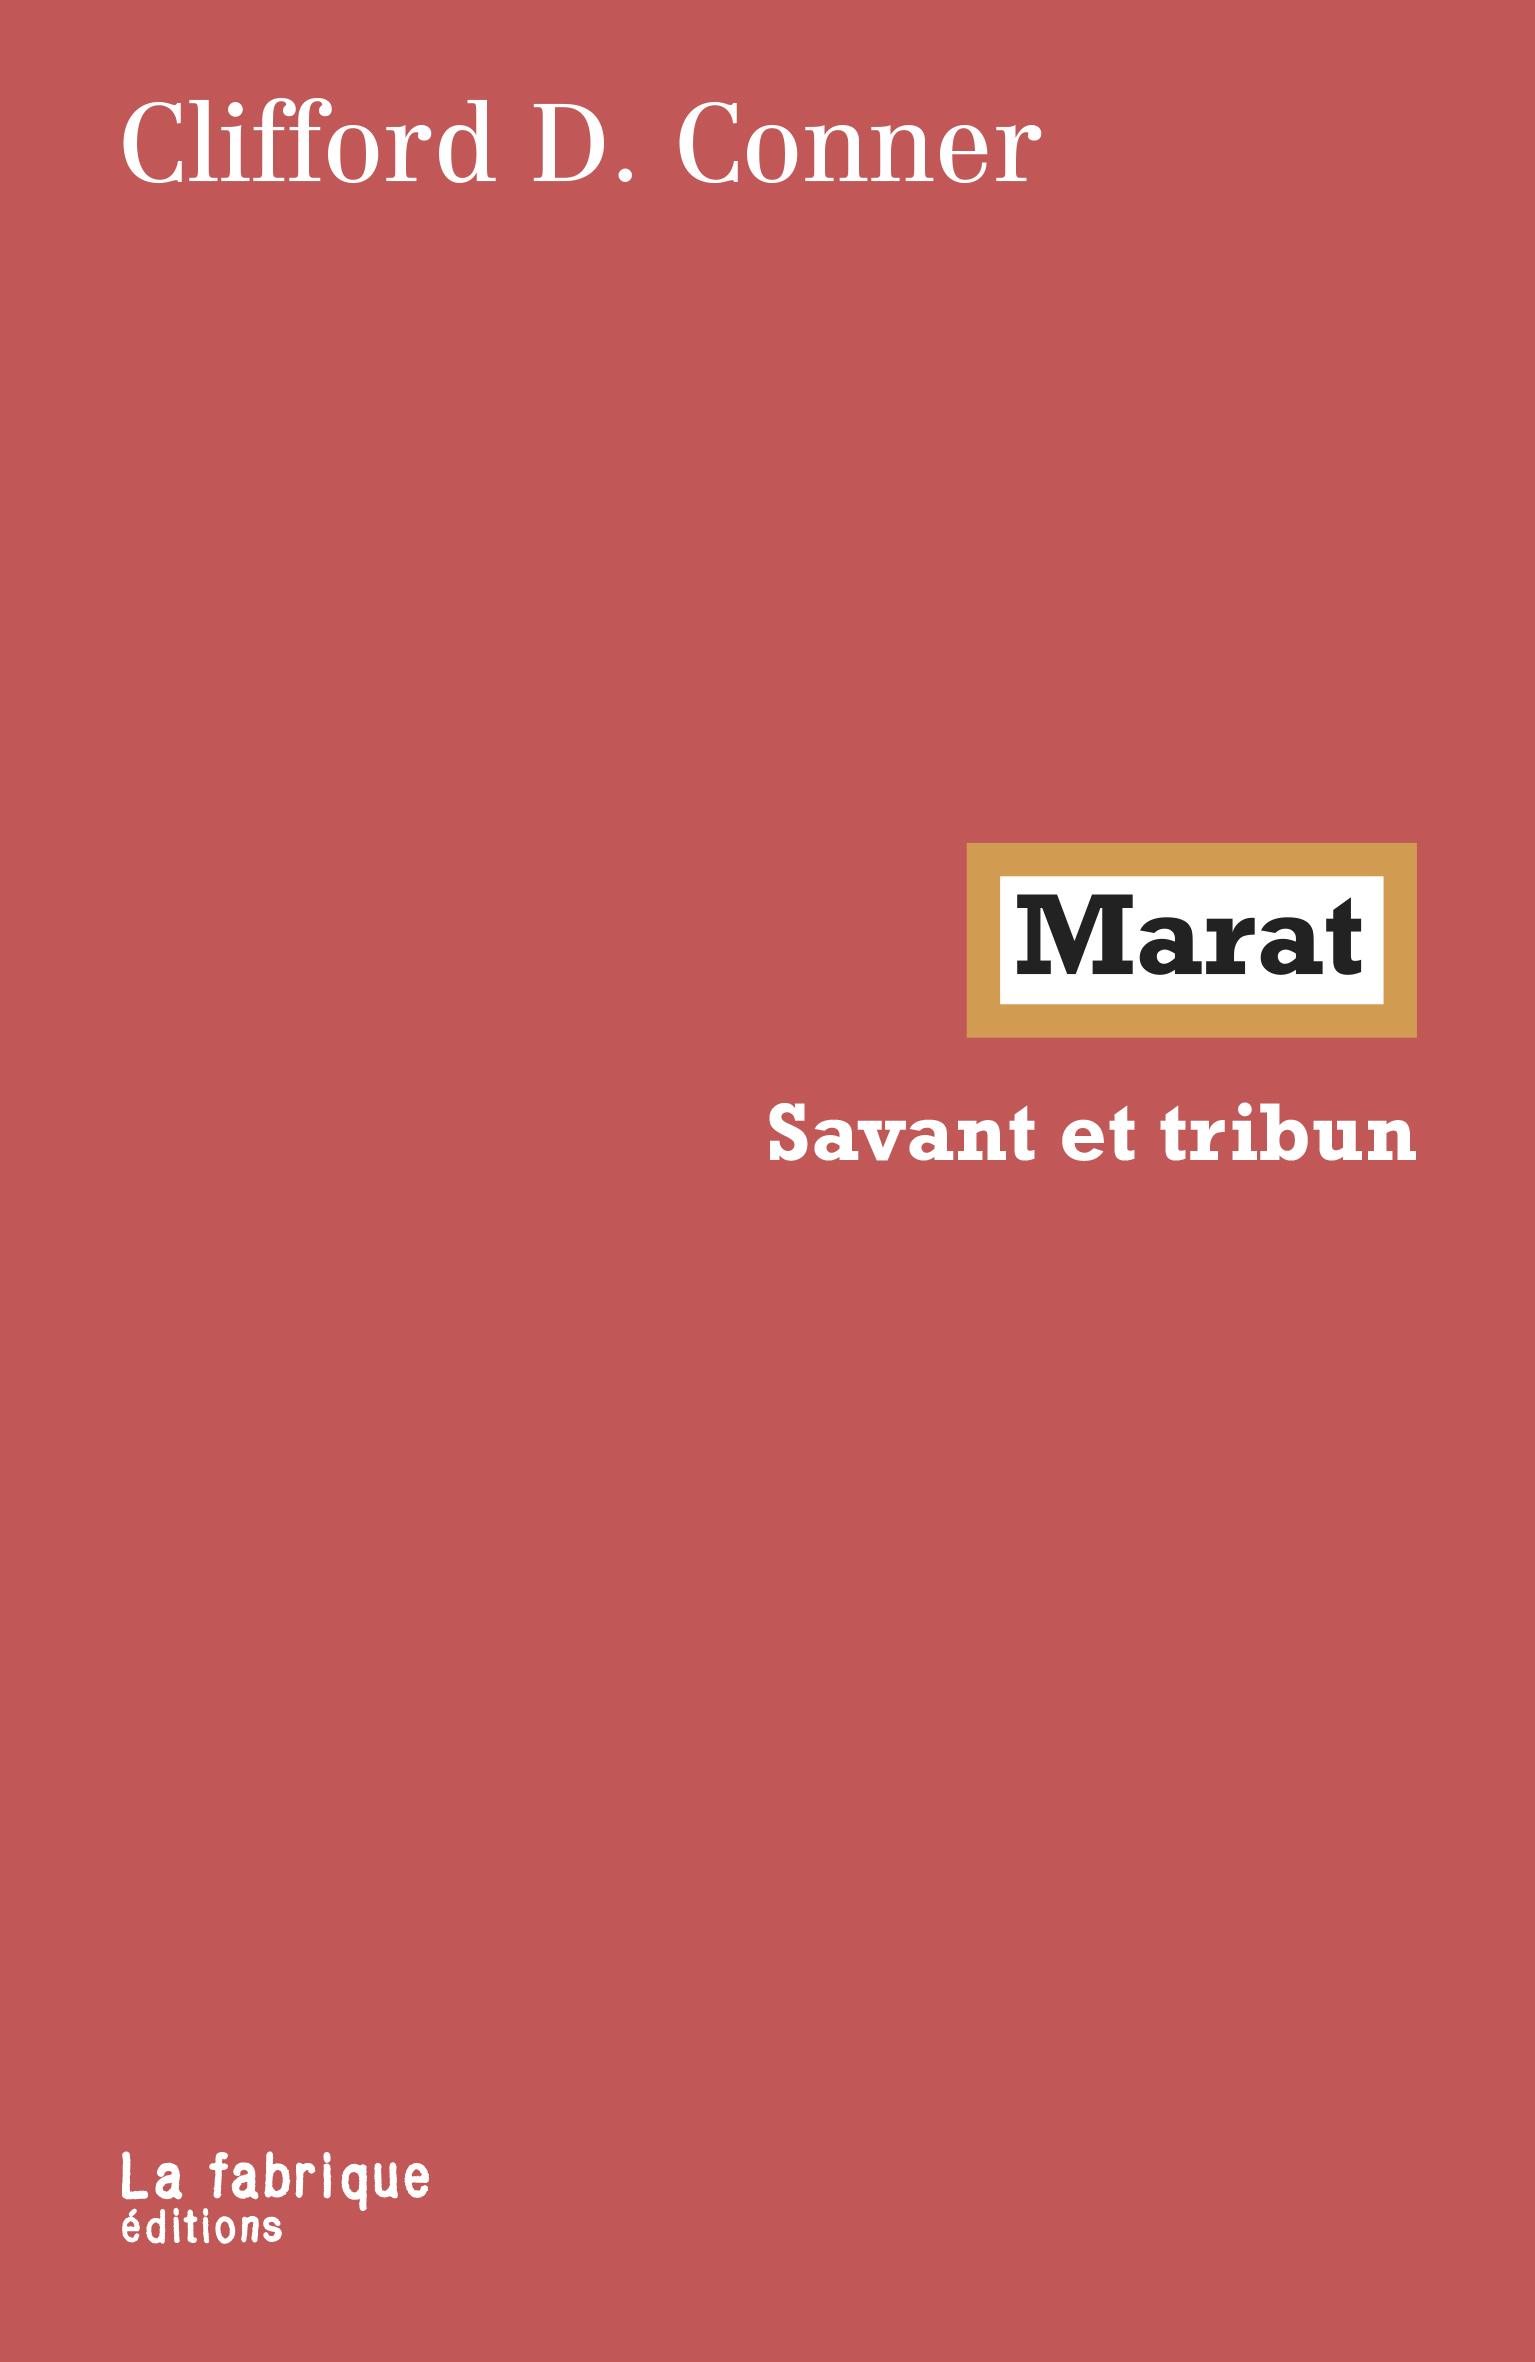 C. D. Conner,Marat. Savant et tribun